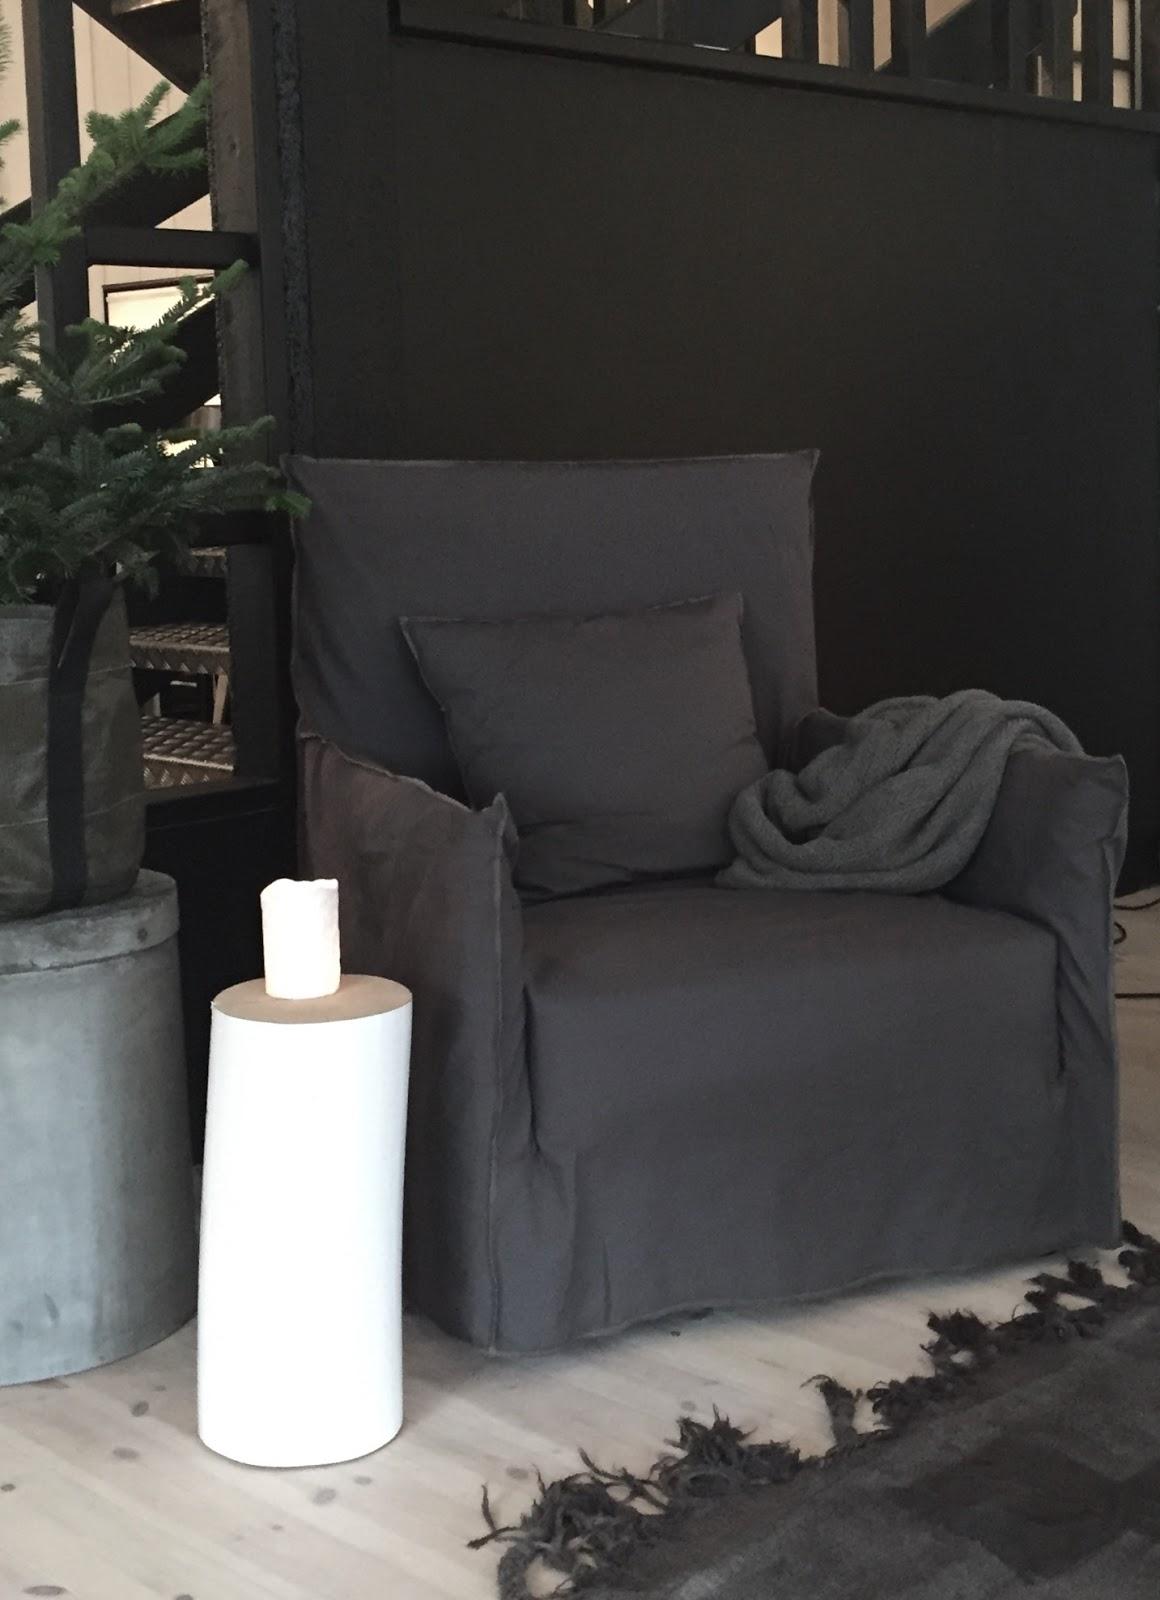 myhome og len m bel g e r v a s o n i k a m p a n j e. Black Bedroom Furniture Sets. Home Design Ideas